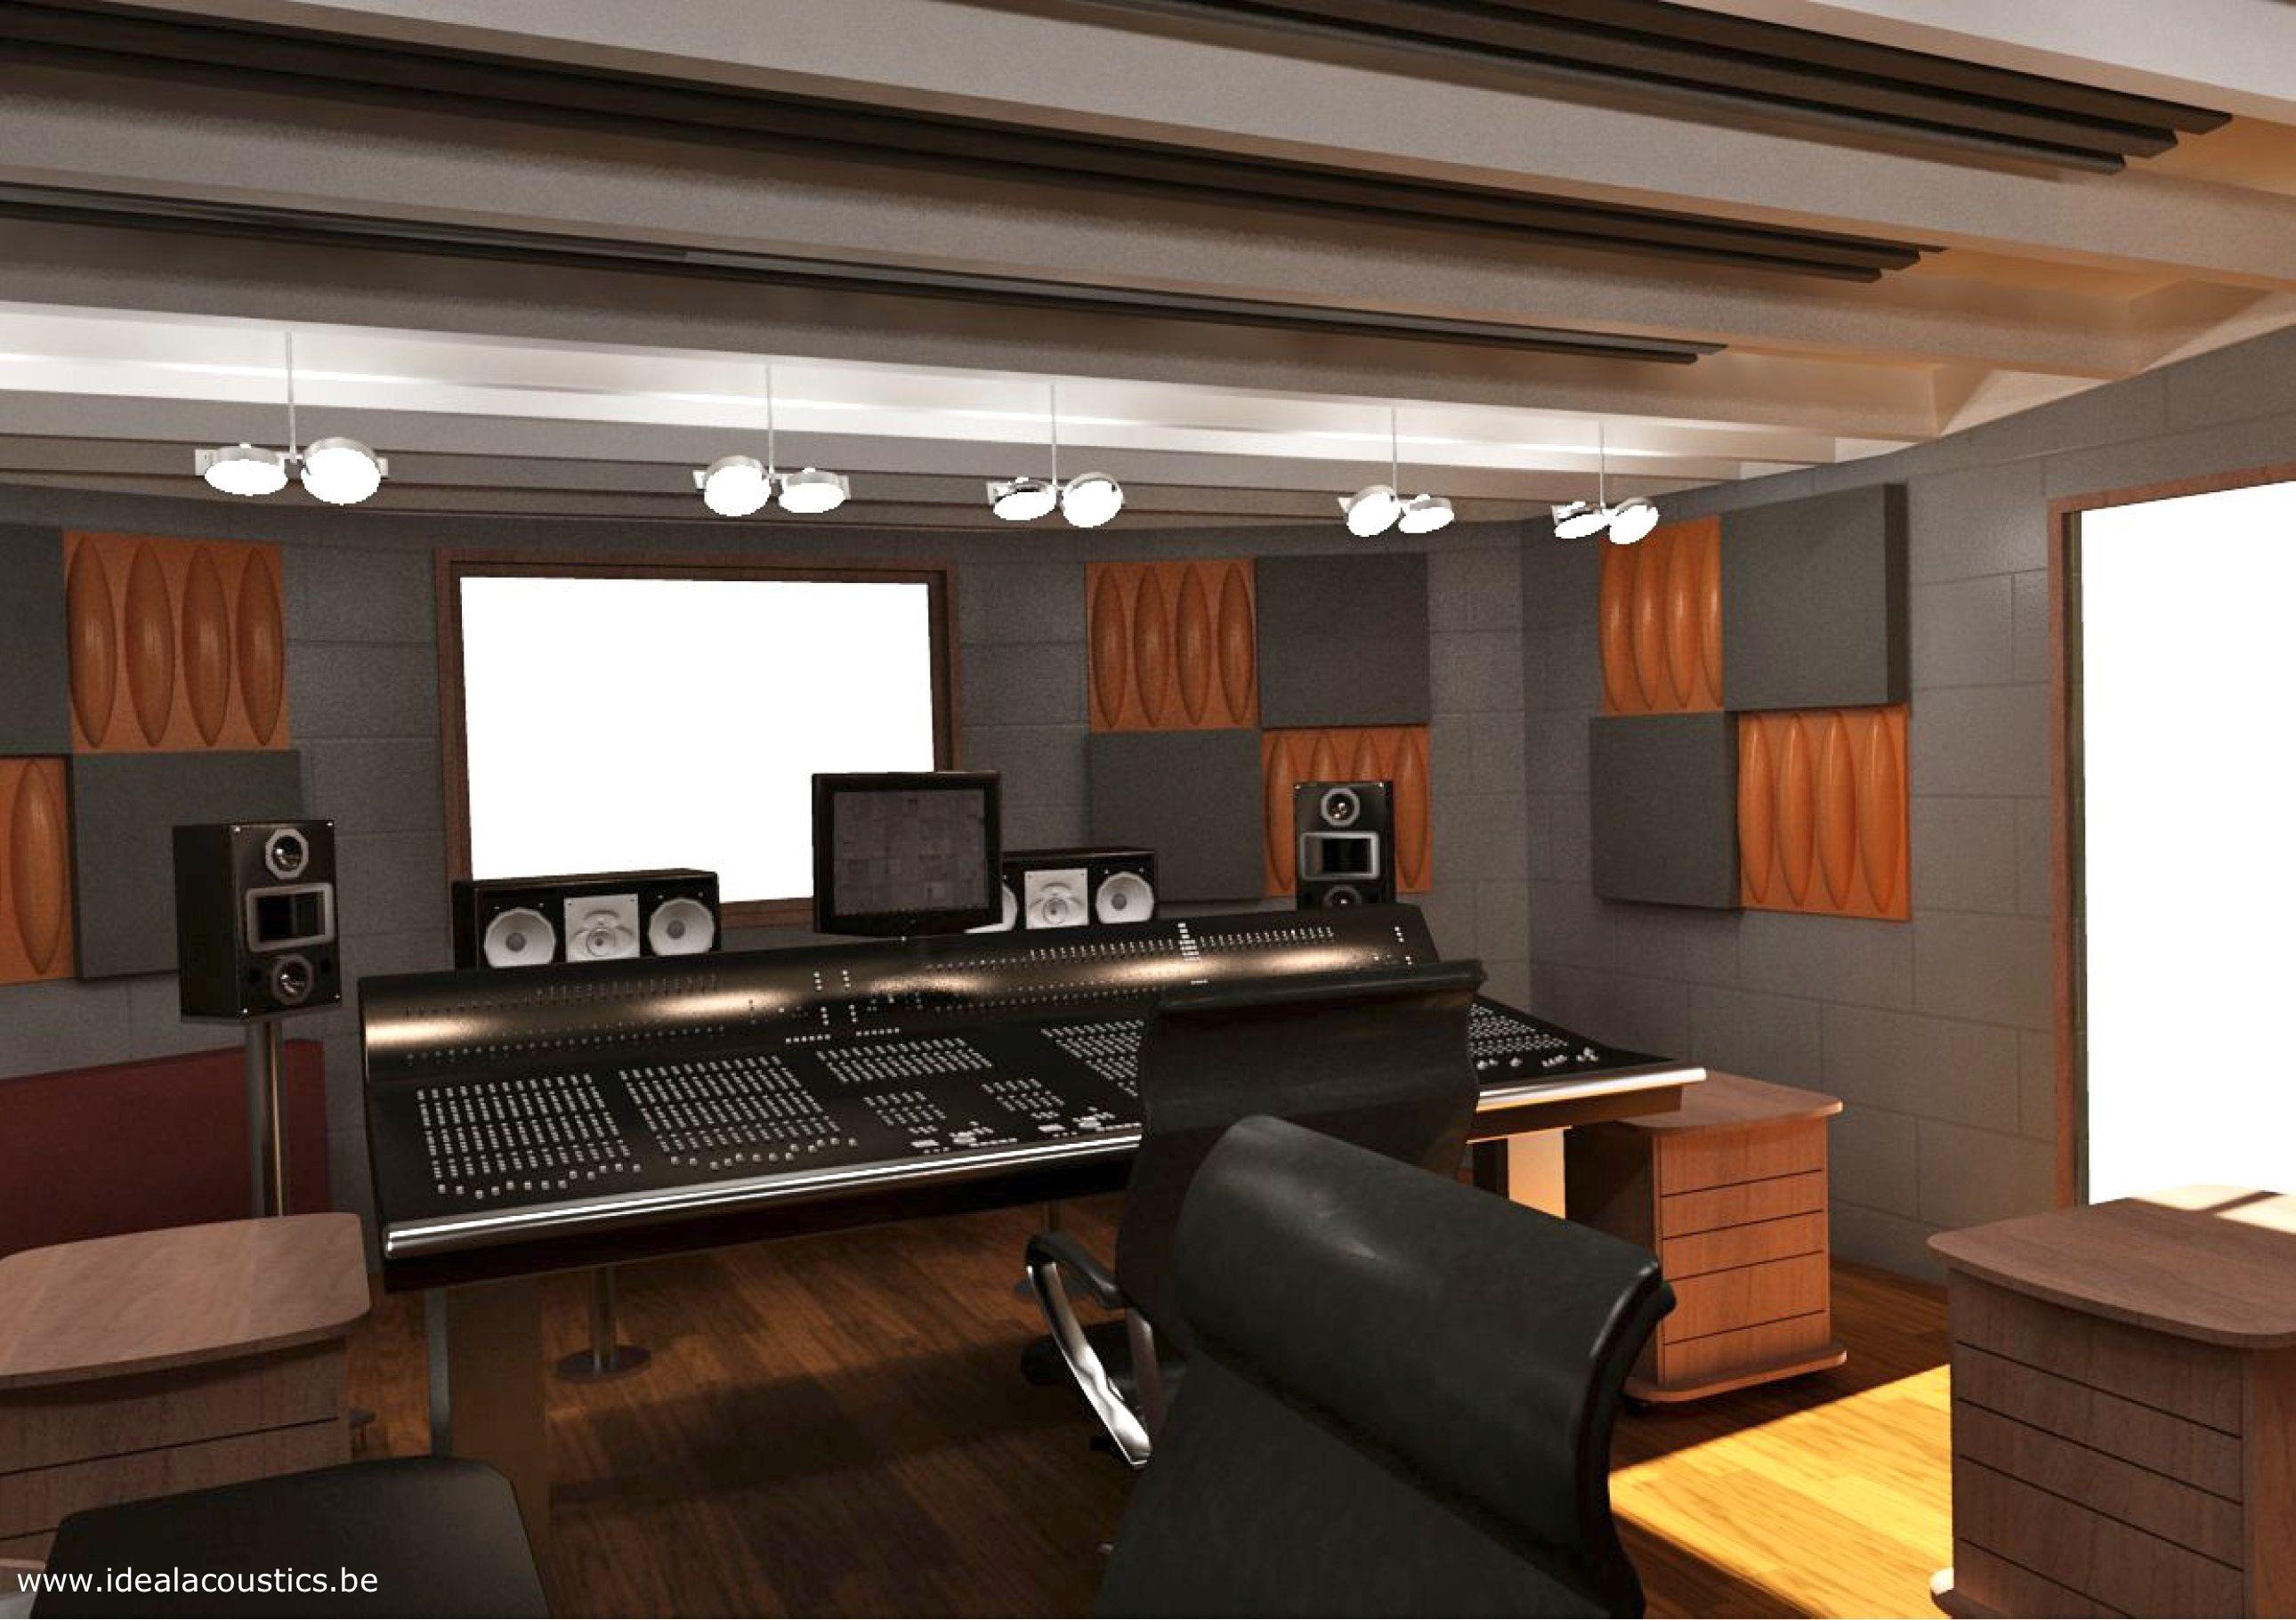 Acoustic Design Control Room Recording Studio